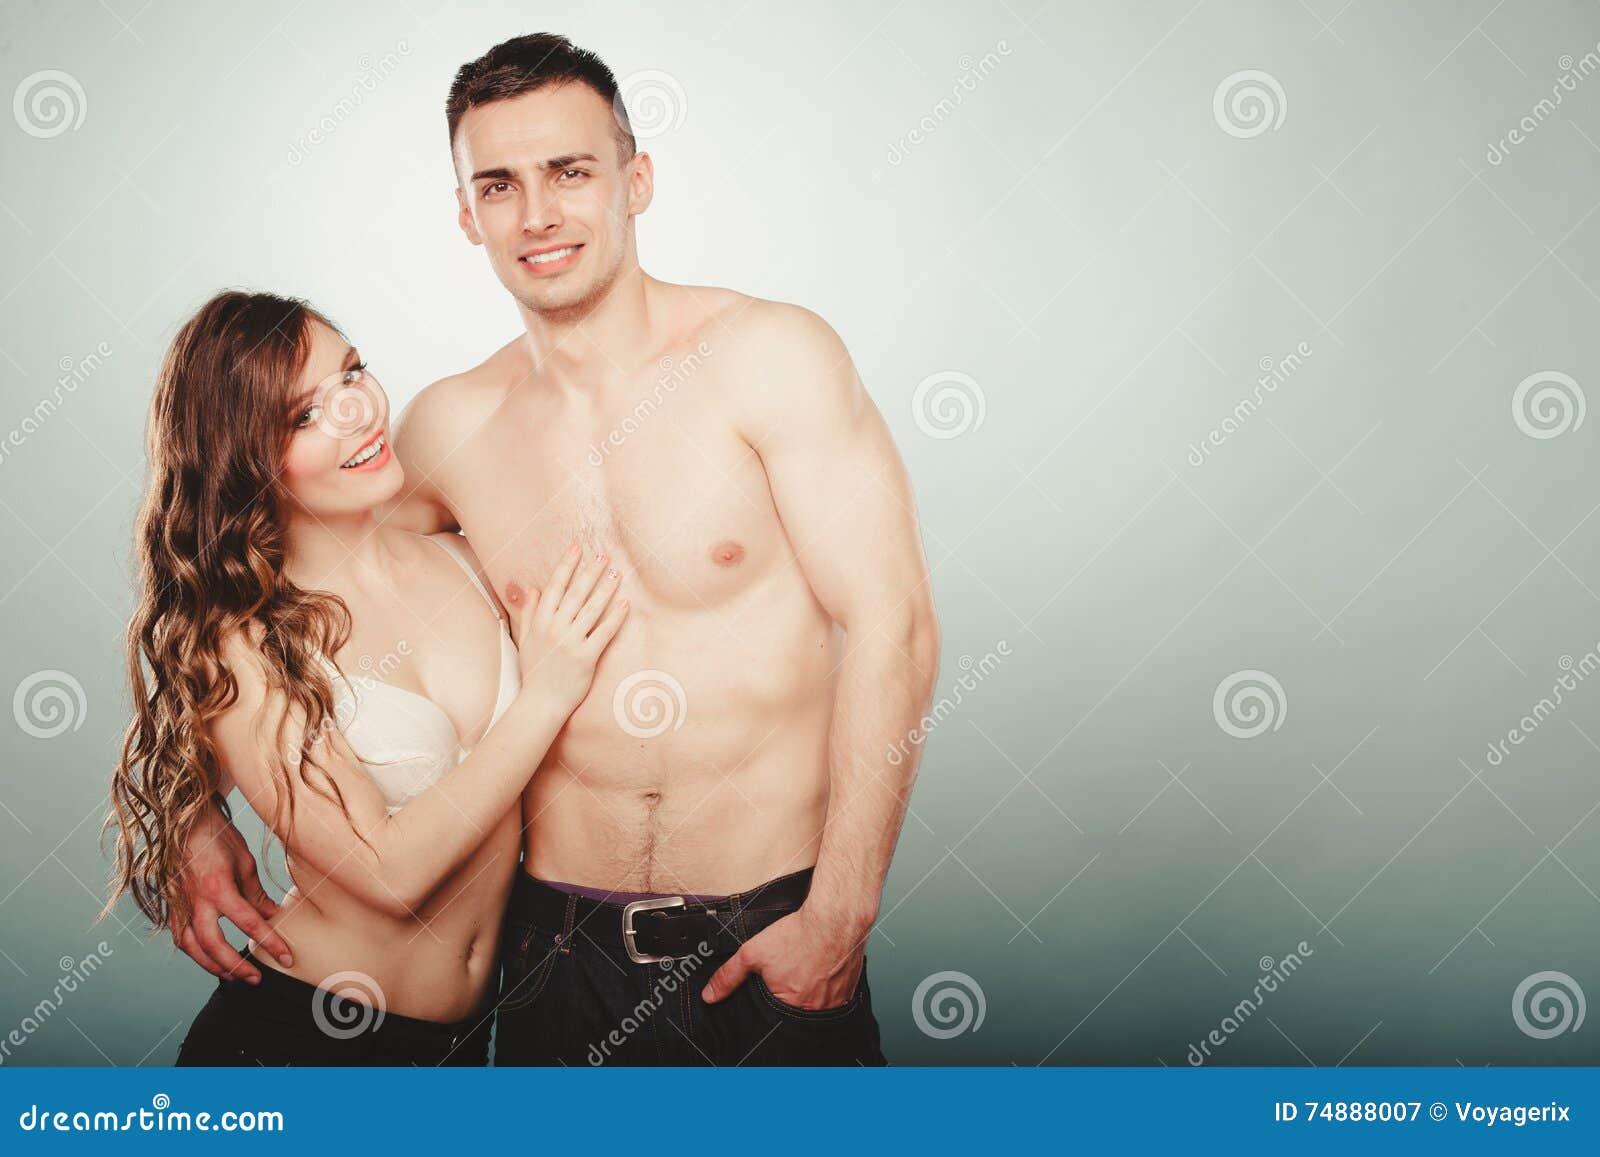 nu kvinna naken